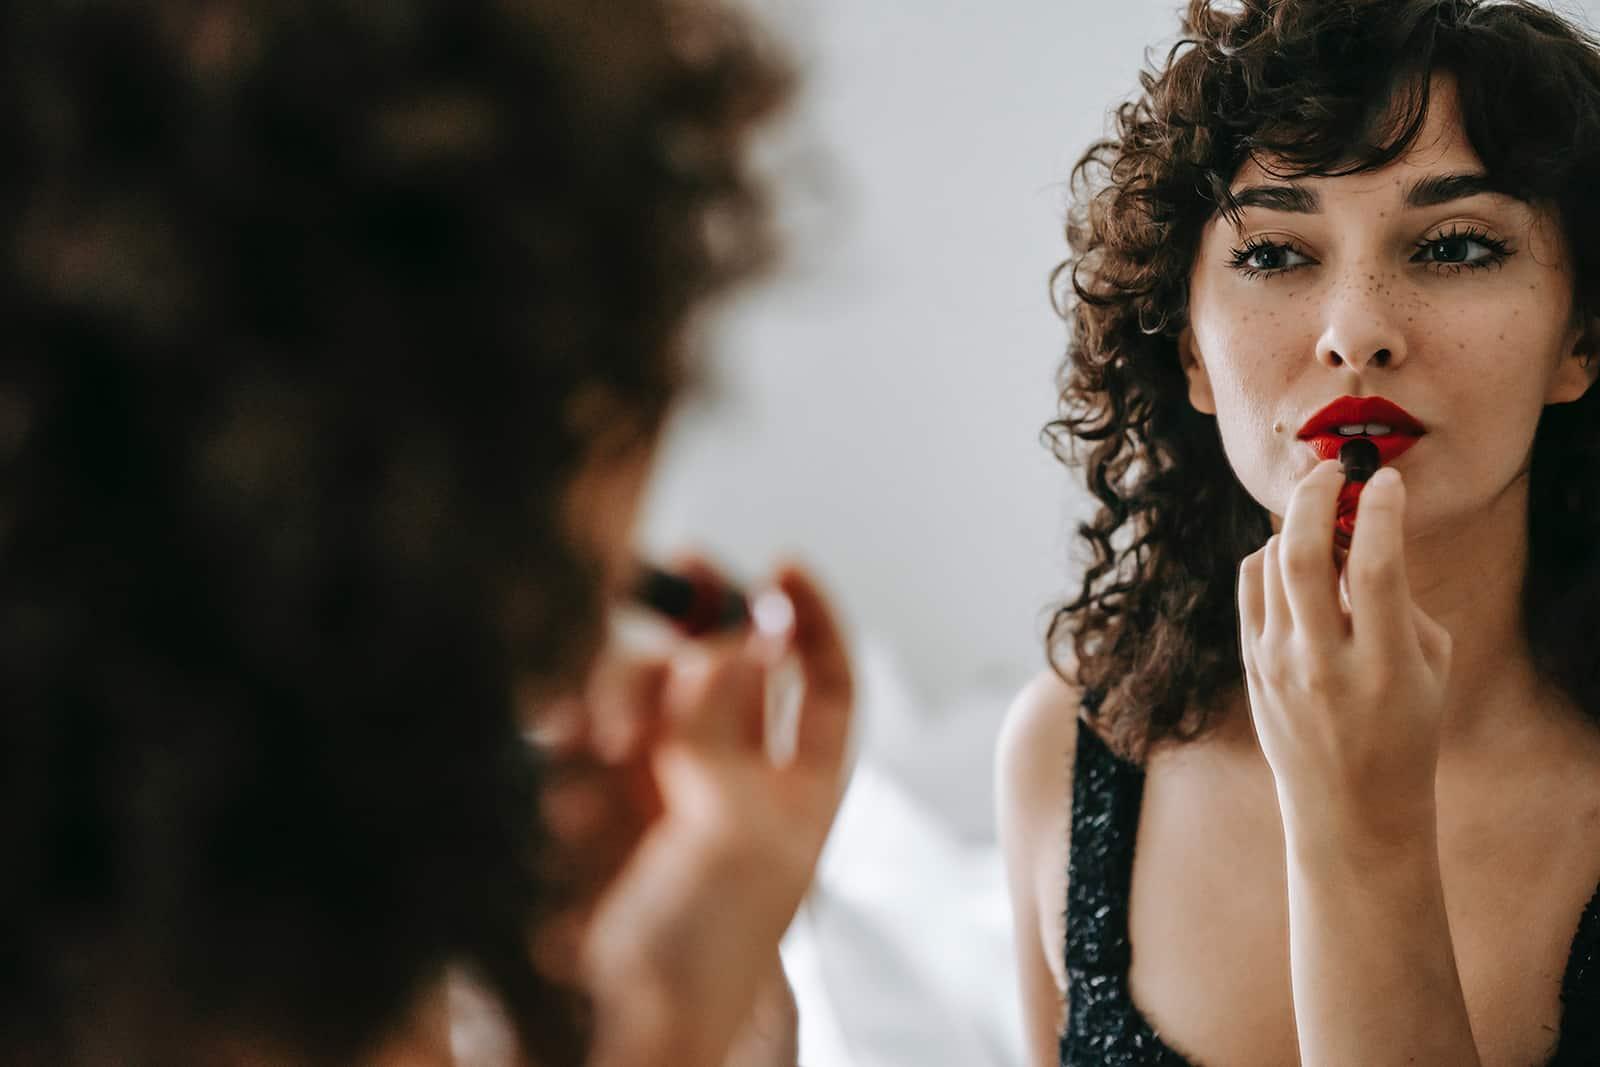 selbstbewusste Frau, die Lippenstift vor einem Spiegel aufträgt